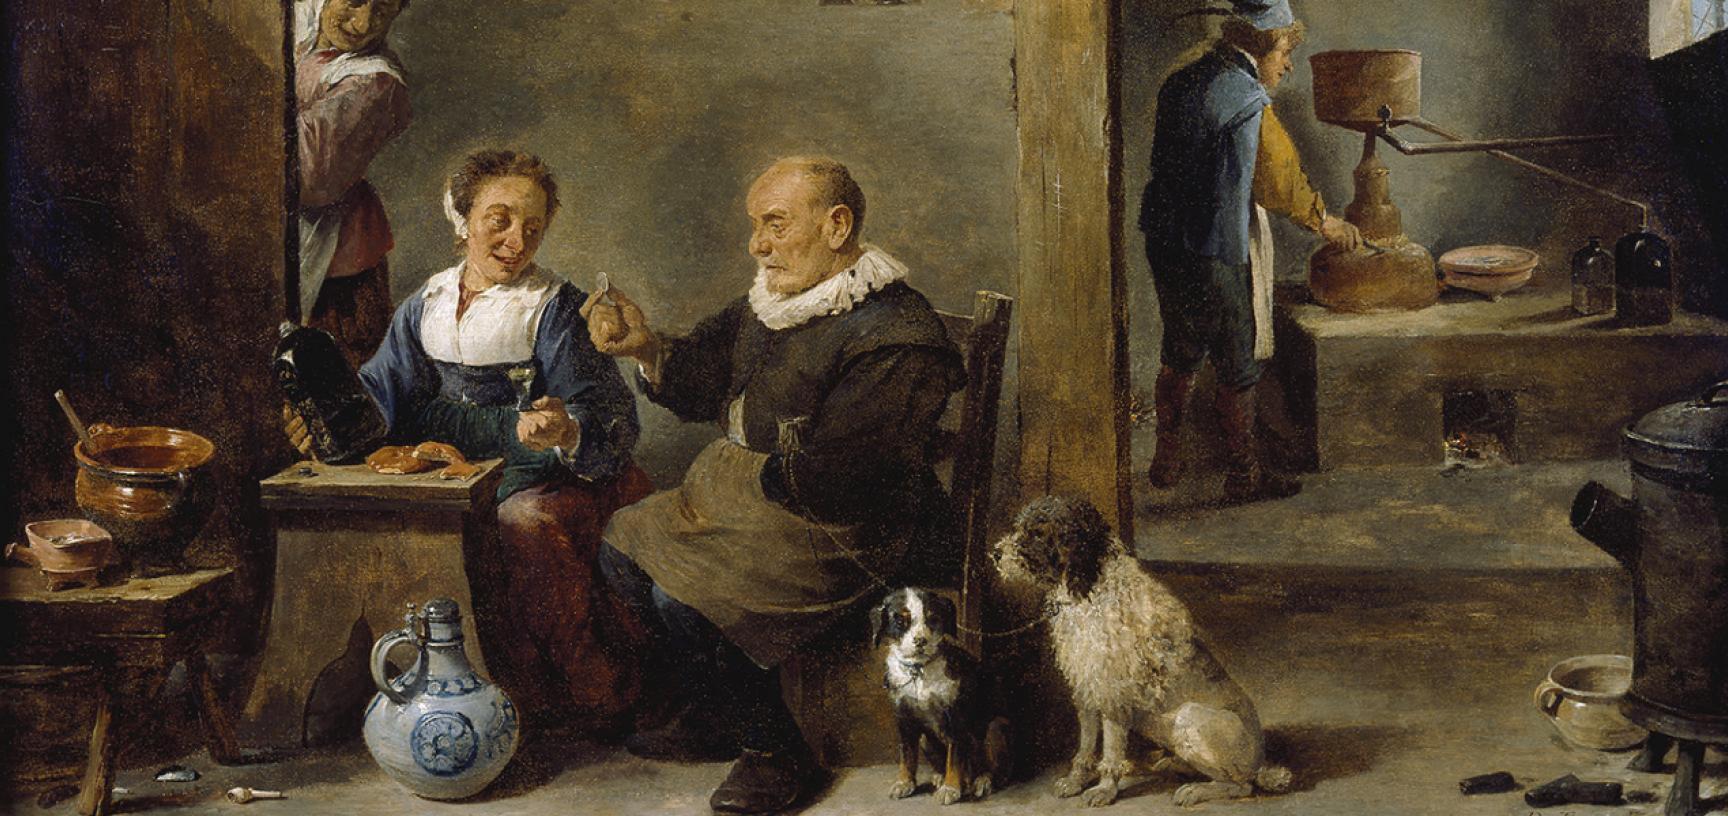 Dutch art images 61